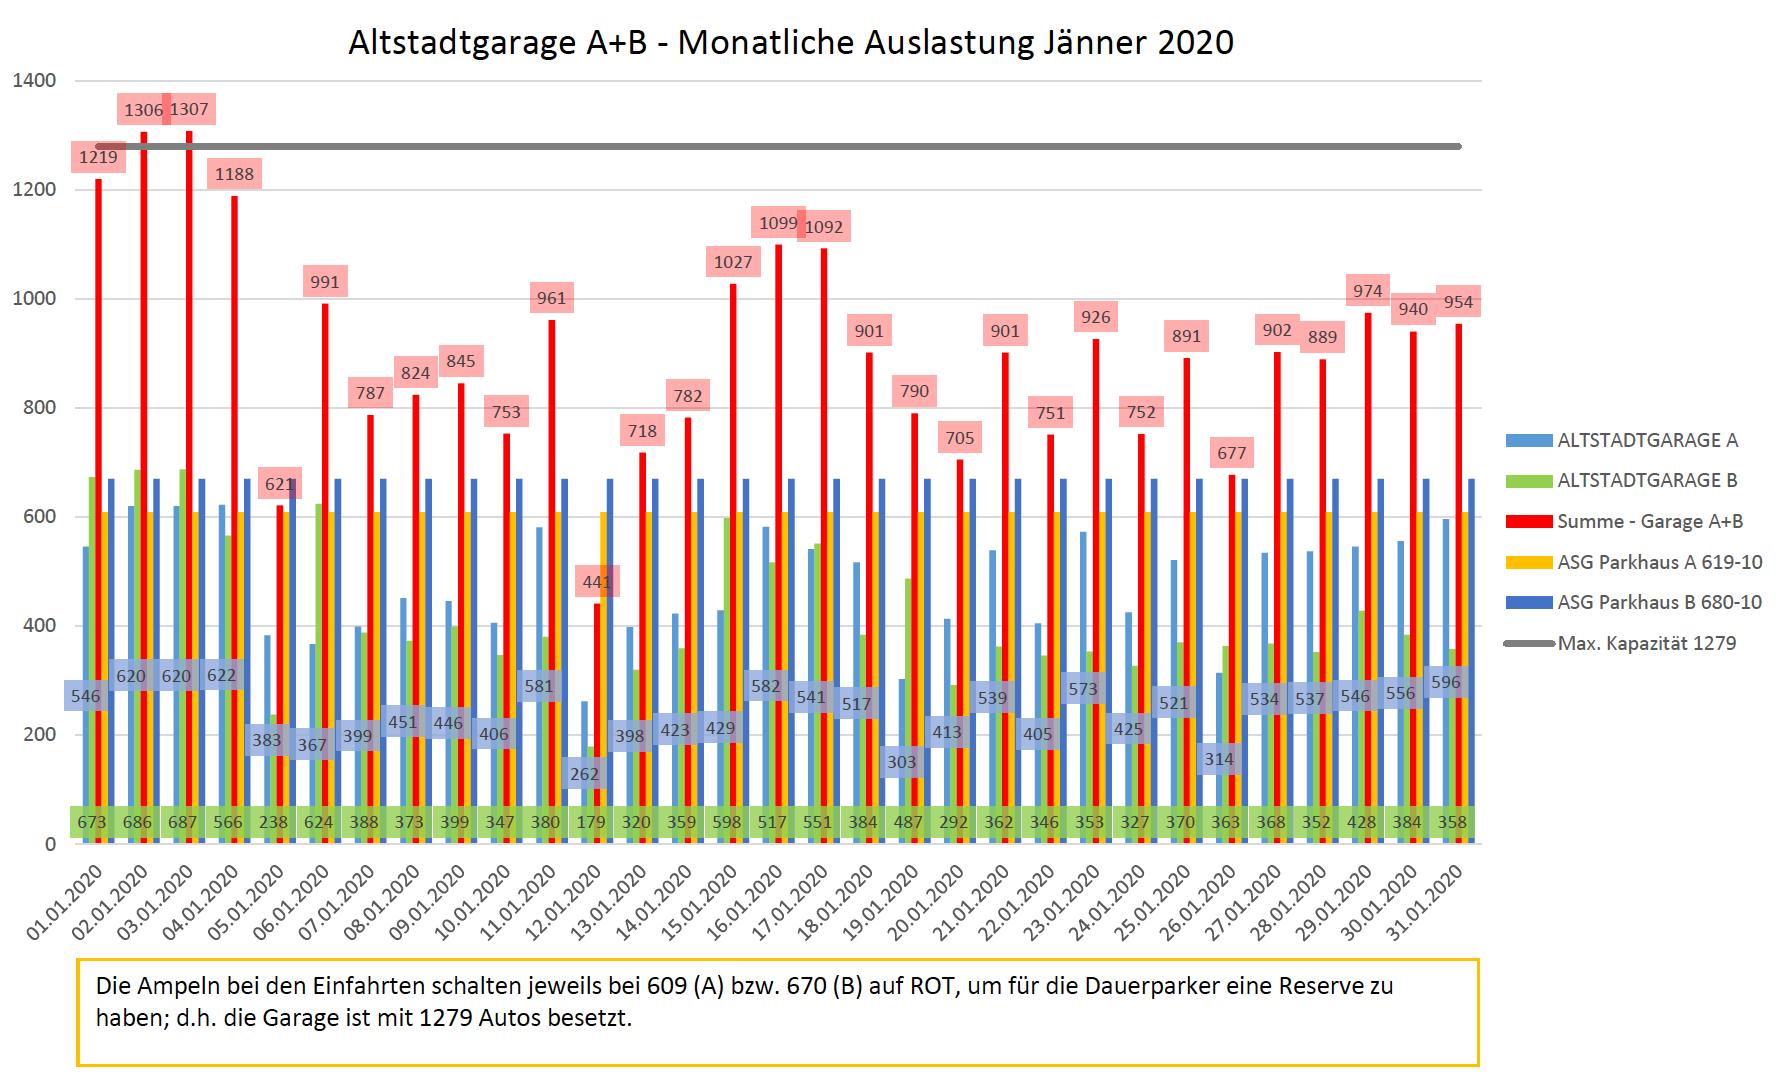 Auslastungszahlen Jänner 2020